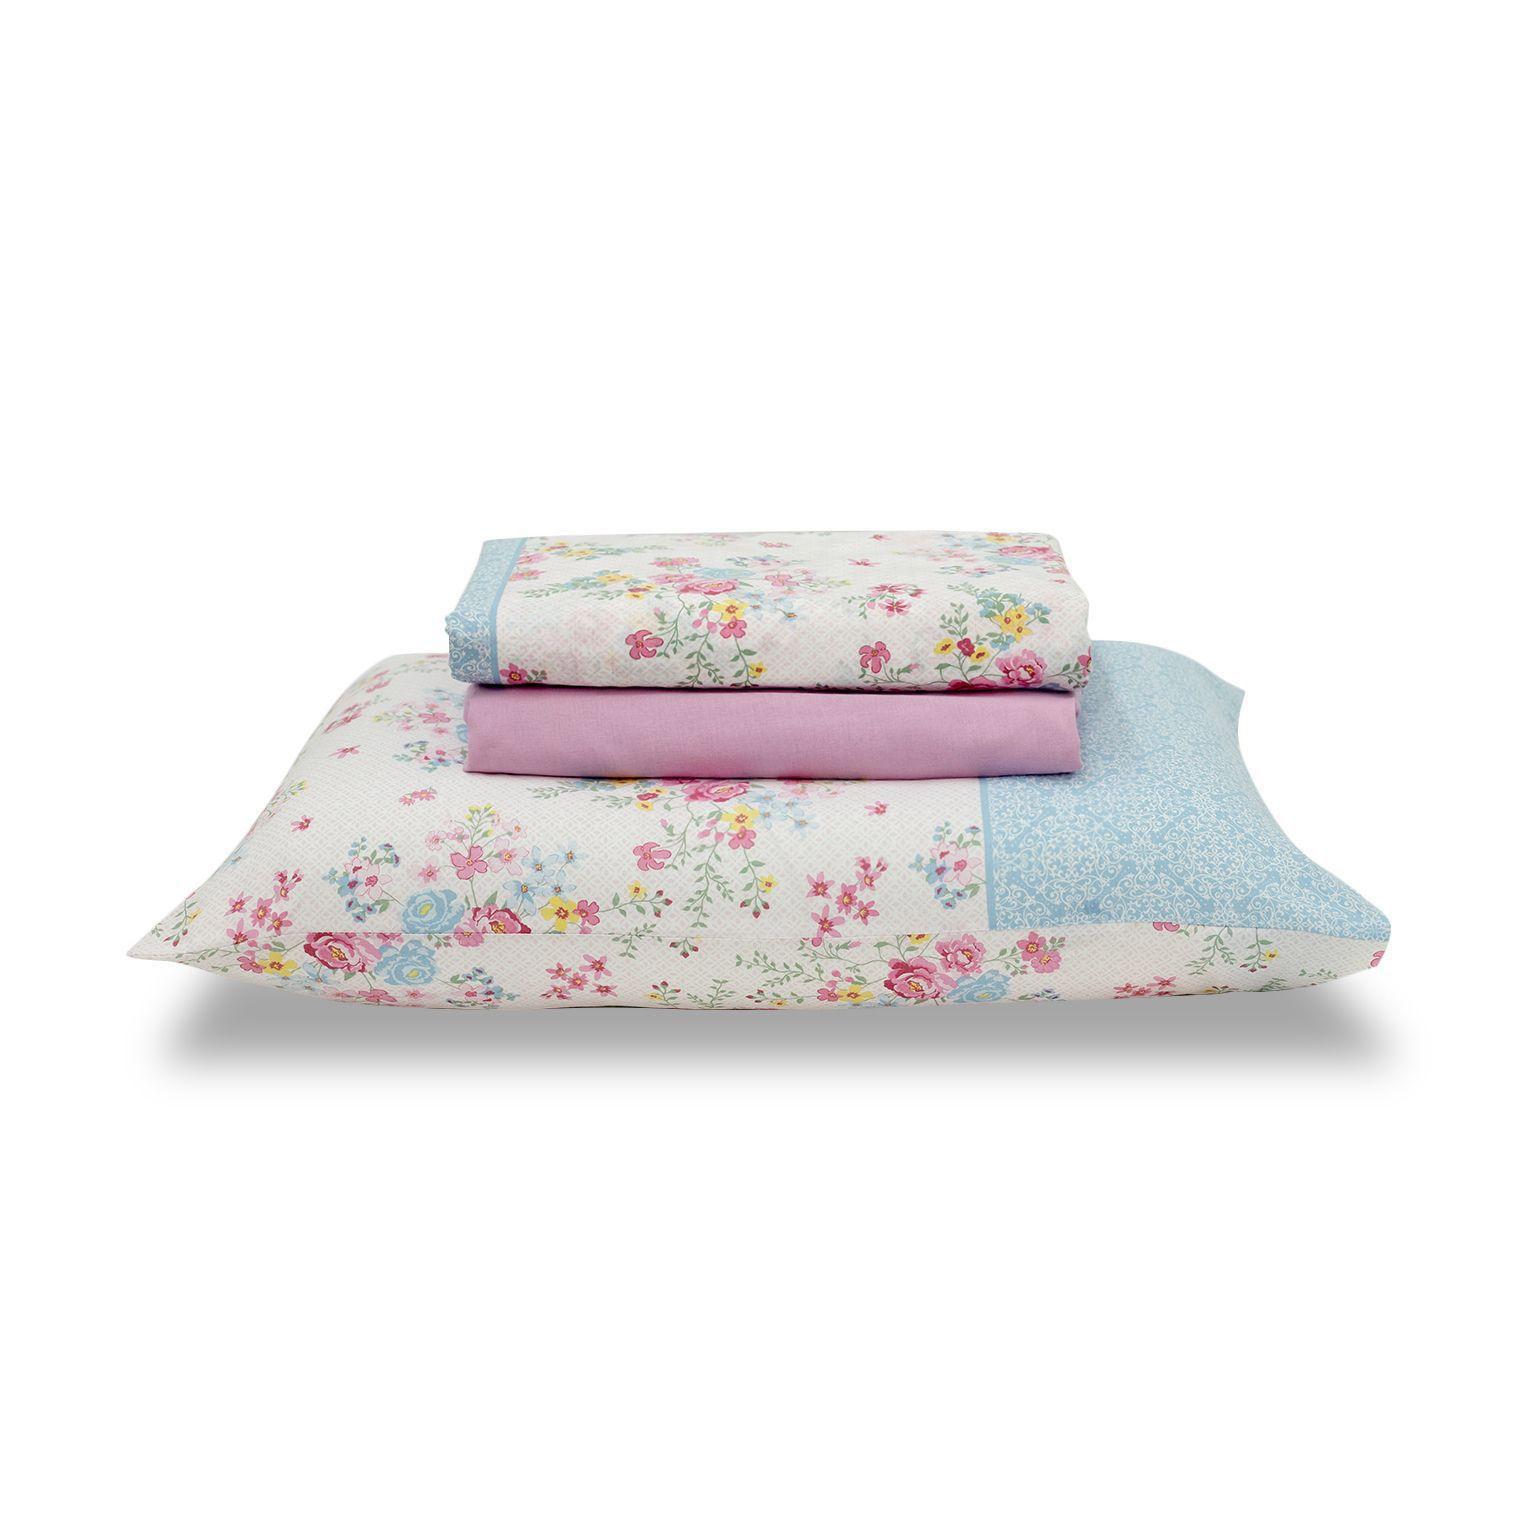 Jogo de cama queen size Royal Wendy 1 100% algodão estampado Floral - Santista